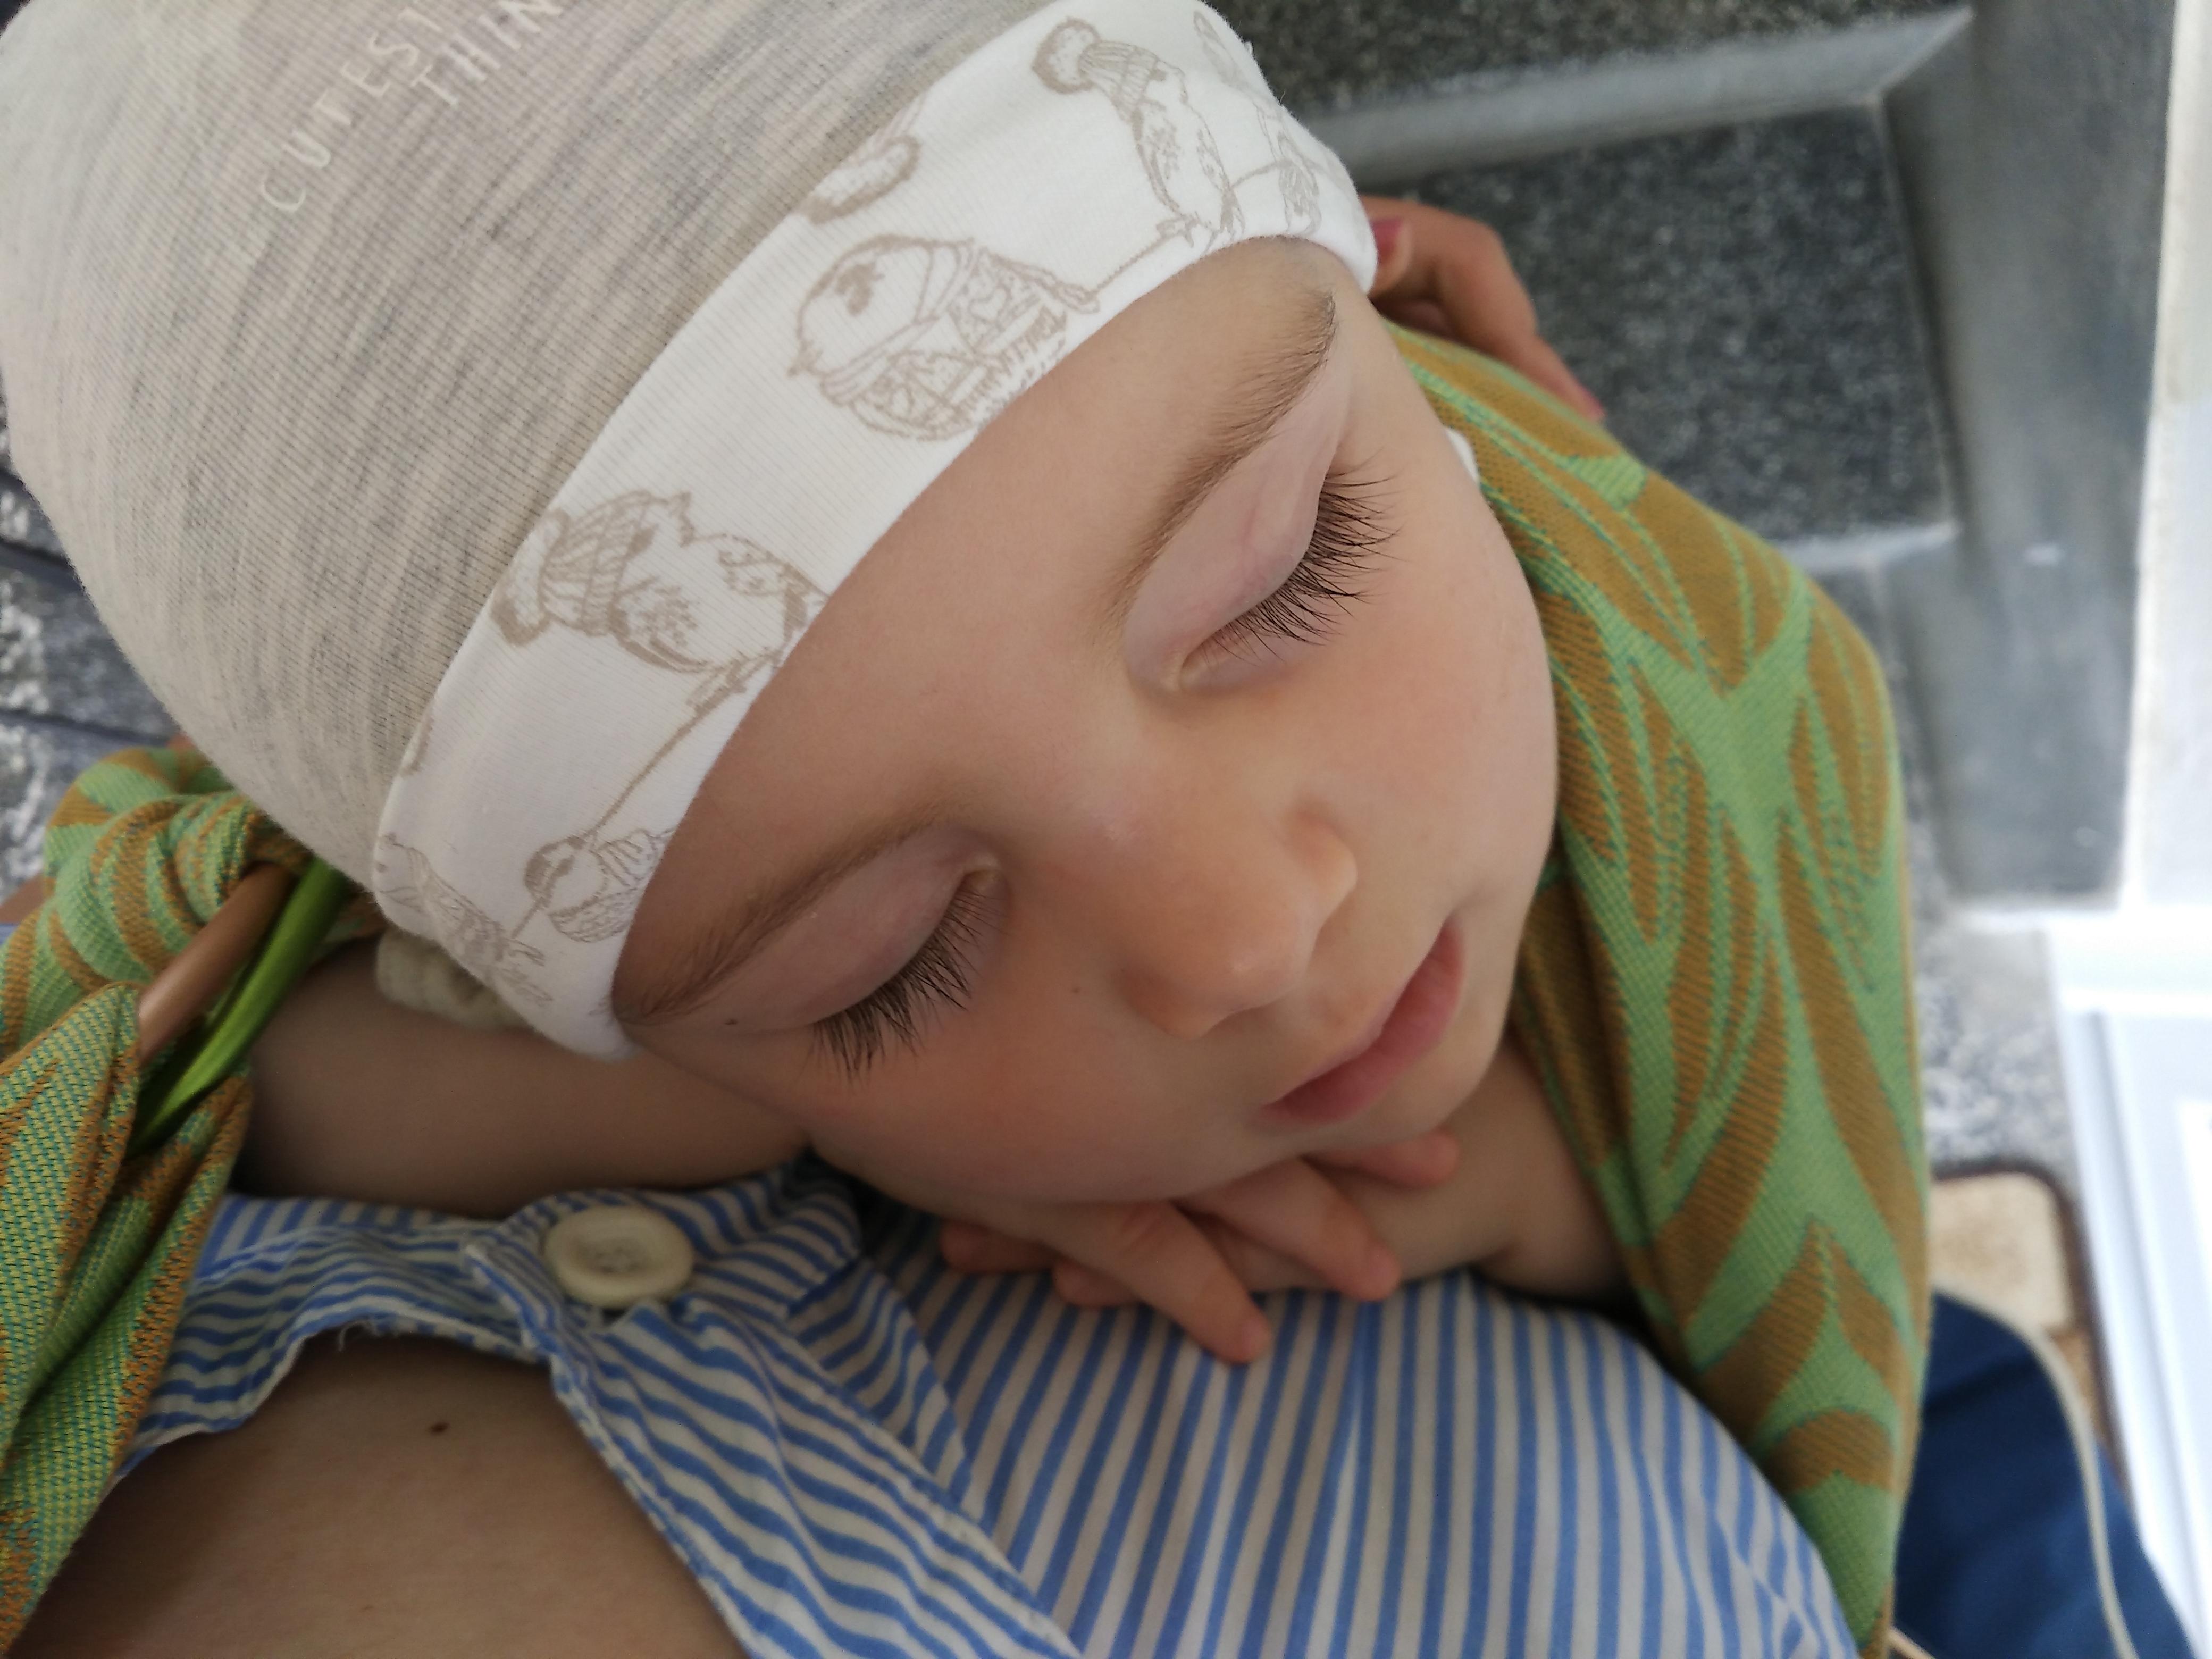 MOŽE LI SE BEBU NAUČITI SPAVATI? O treningu spavanja male djece iz kuta jedne neispavane mame psihologinje